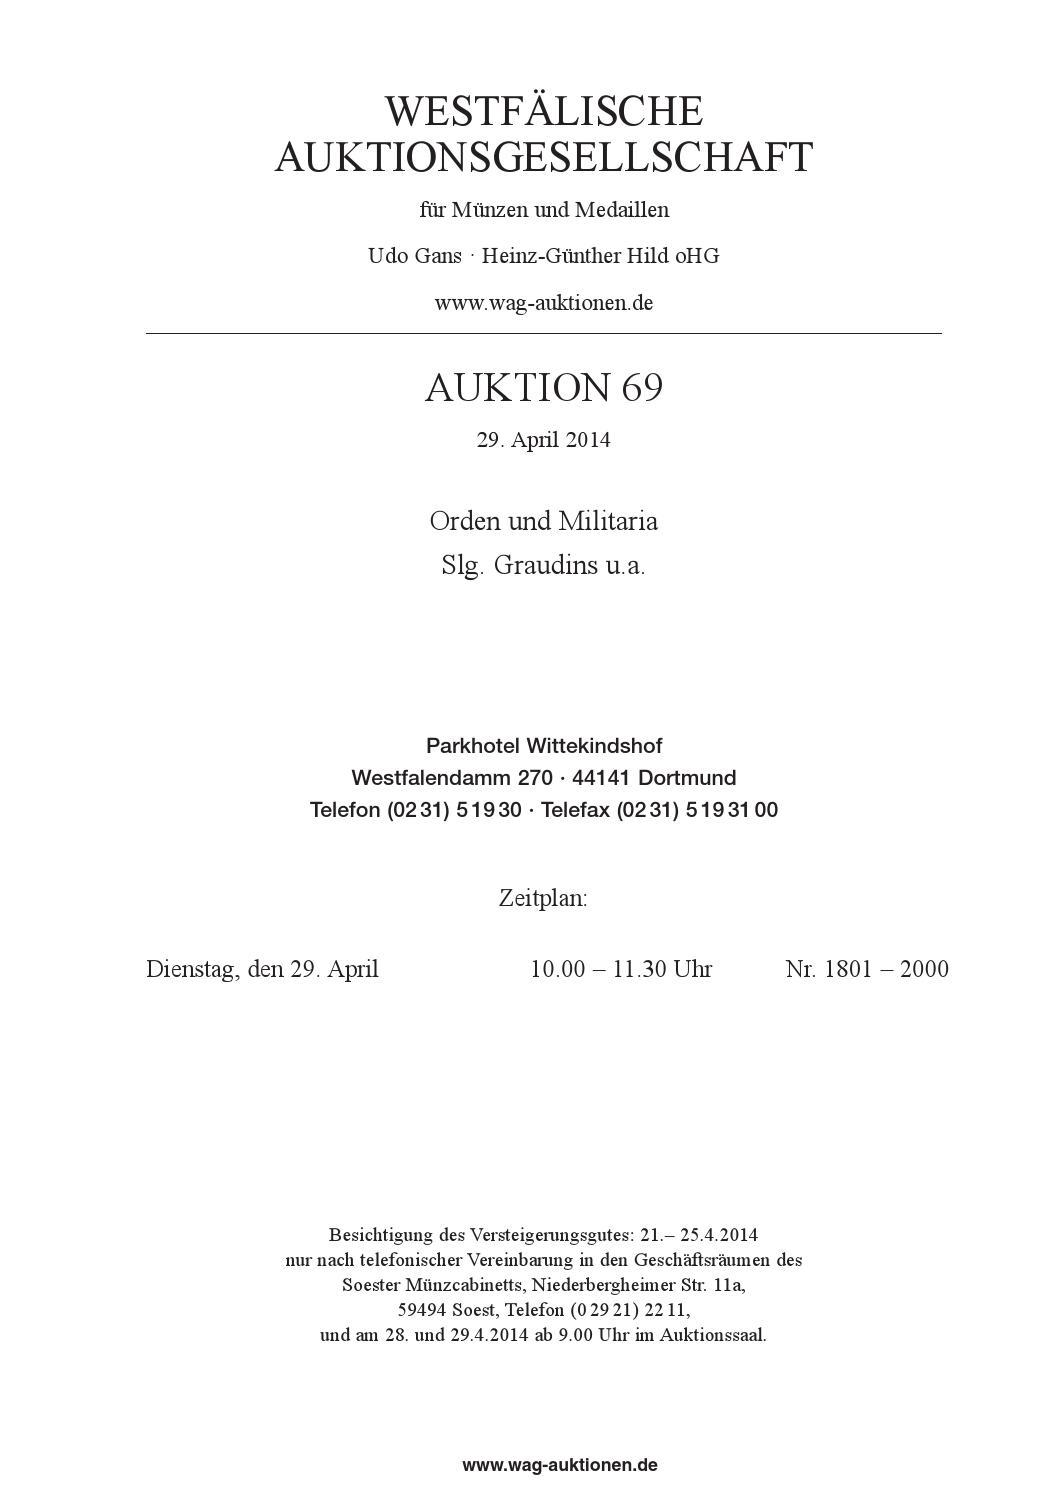 Ziemlich Vorlagen Auktion Bilder - Beispiel Wiederaufnahme Vorlagen ...